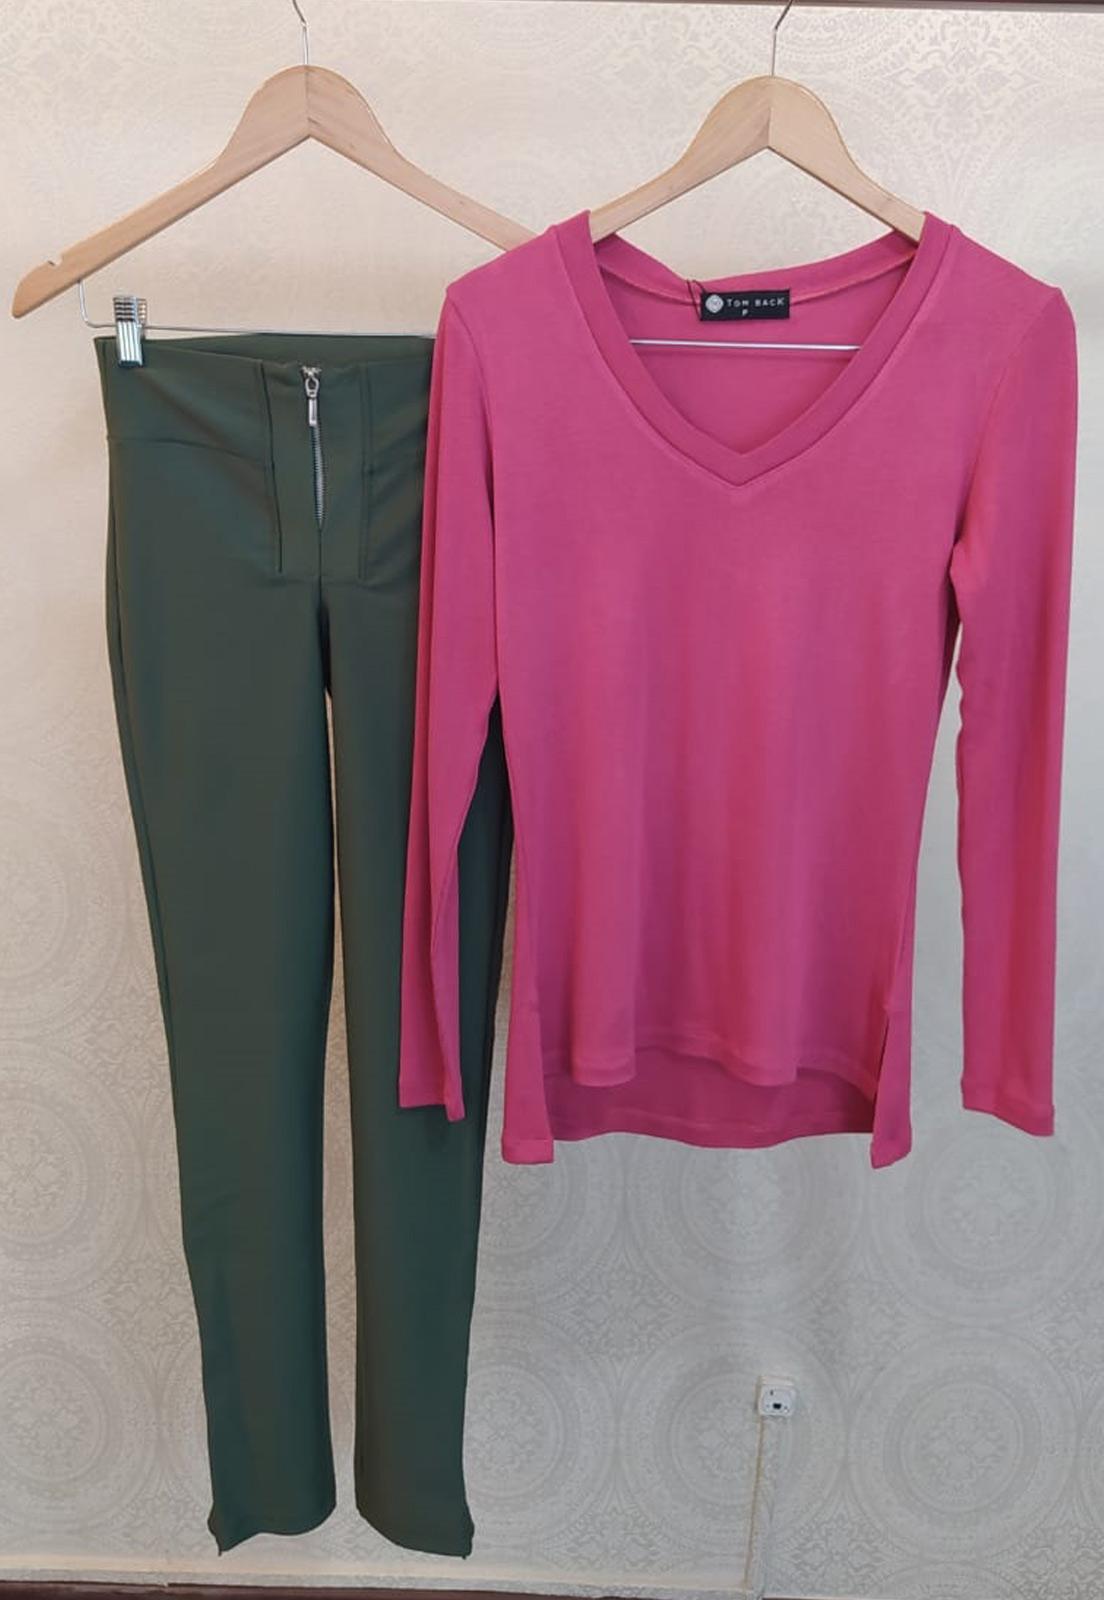 T-shirt Diana Rosa + Calça Basic Prada Verde